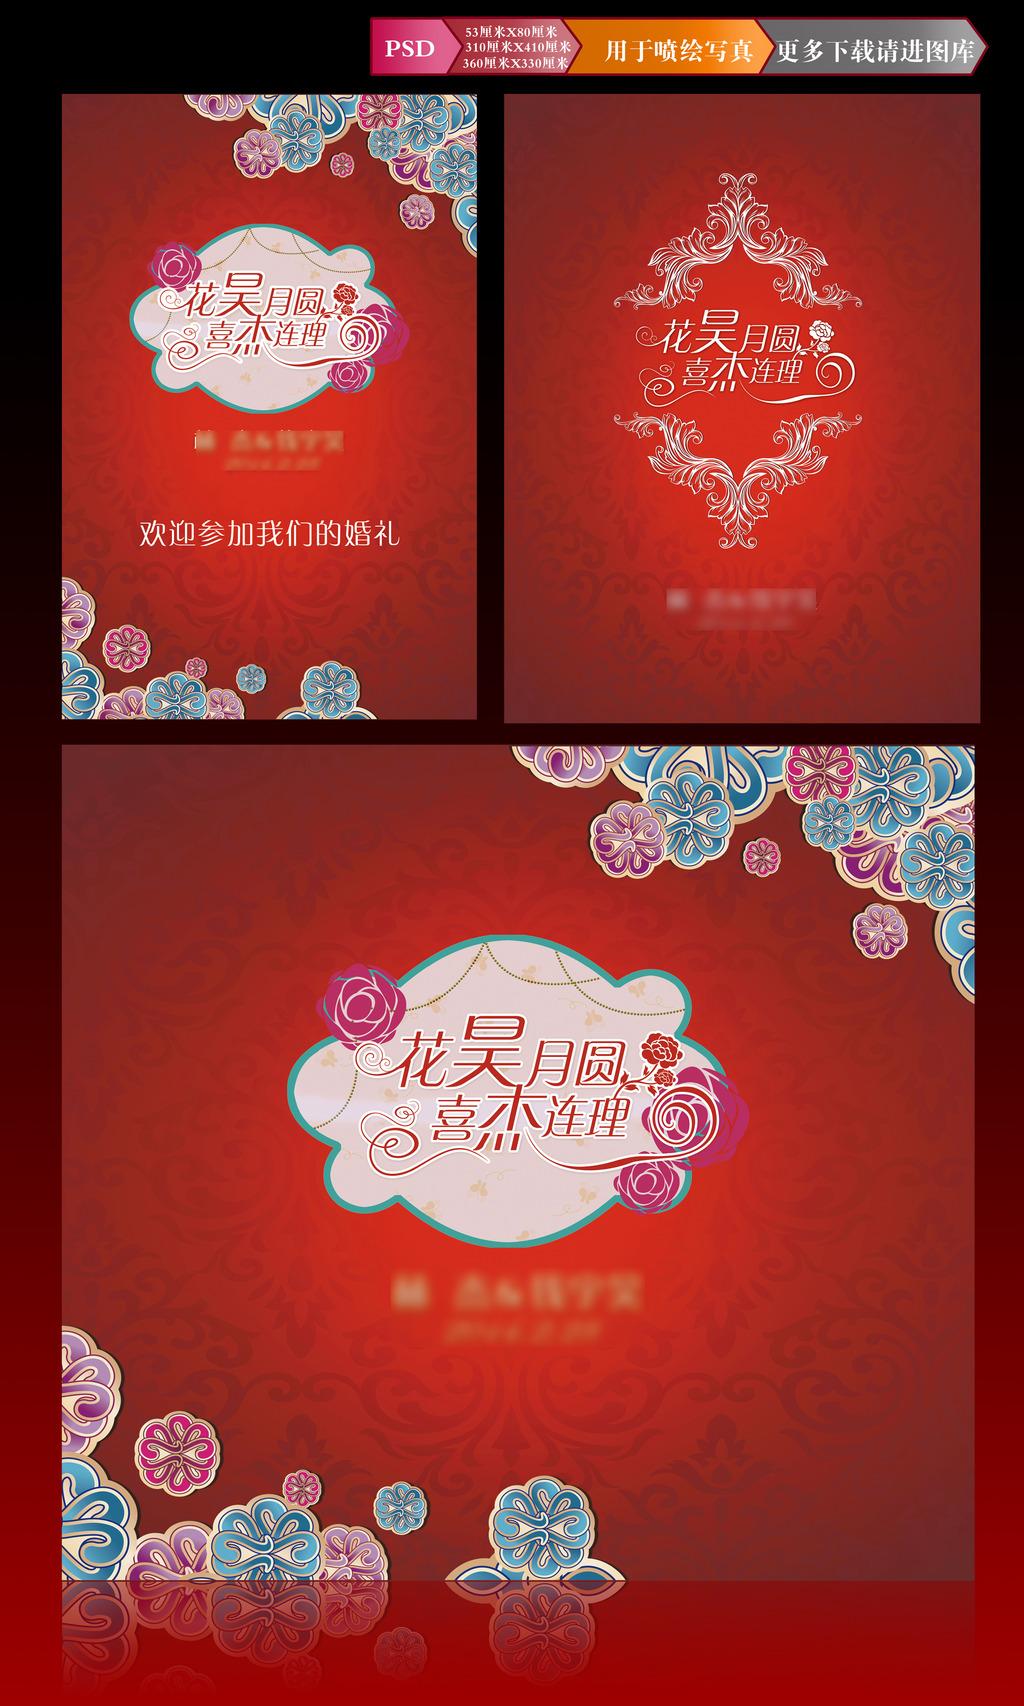 模板下载 简单大气中式婚庆背景图片下载 婚庆婚礼现场舞台背景背景板